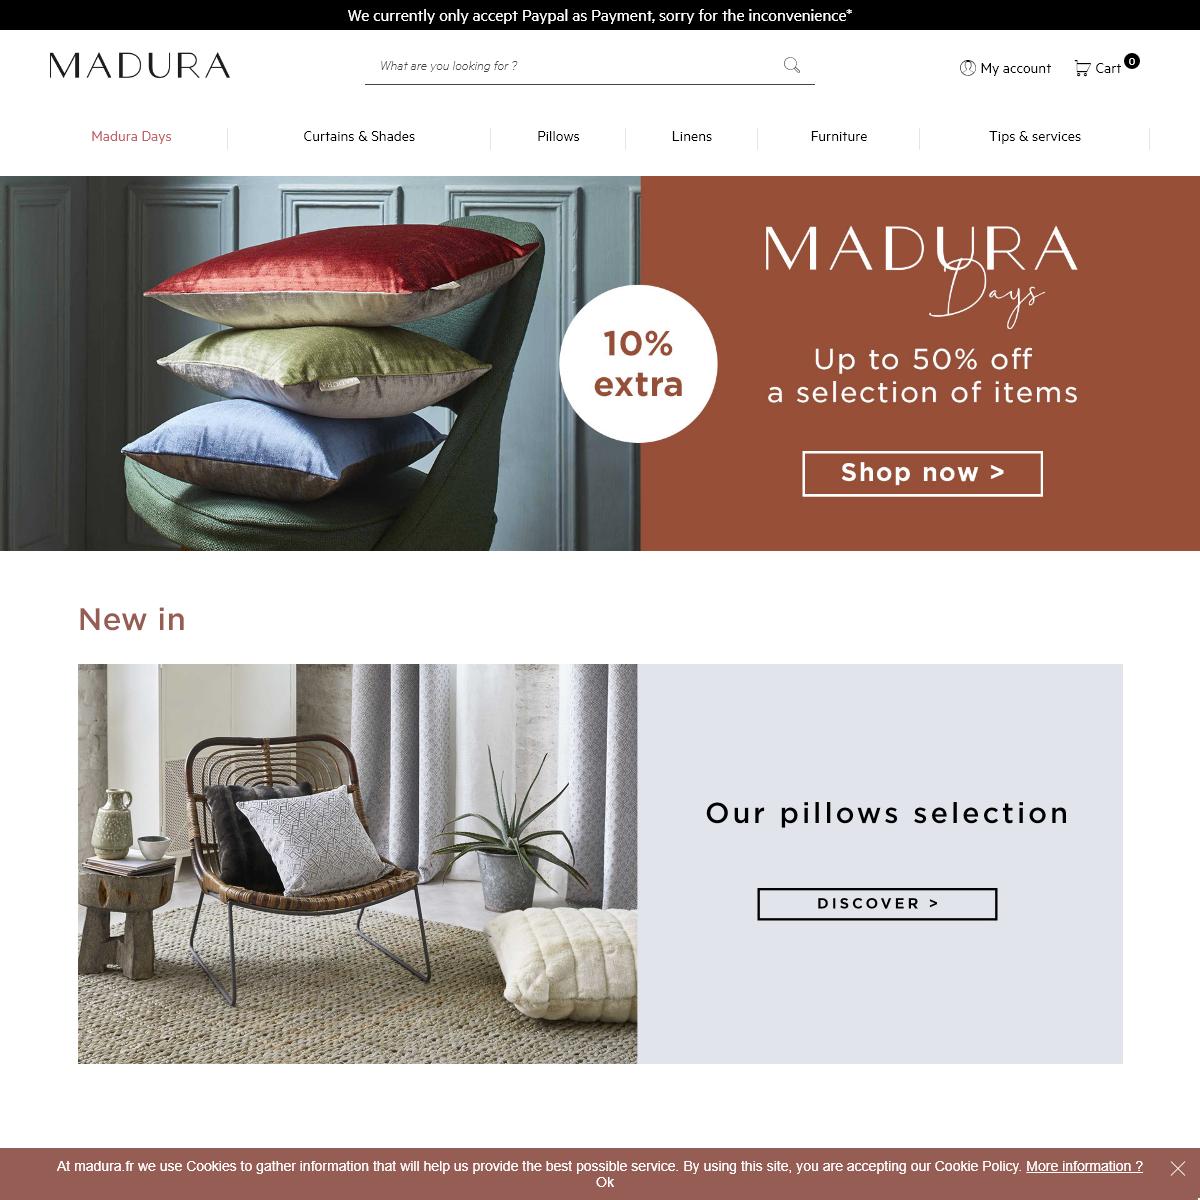 Madura - Curtains, Blinds, Voile curtains, Cushions Madura